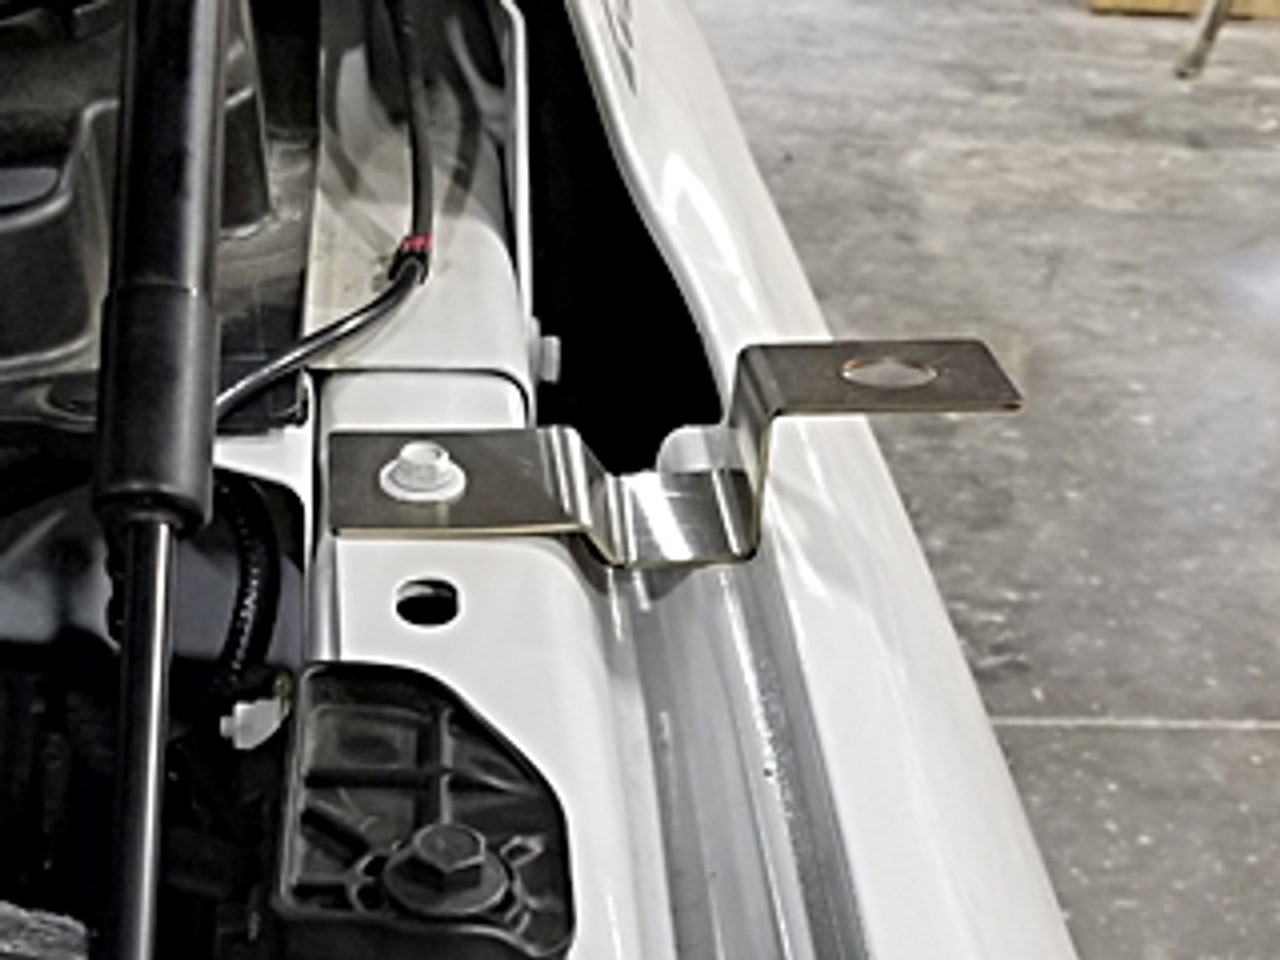 2019-2020 - Dodge RAM 1500 2500 3500 - No Hole Antenna Mounting Bracket